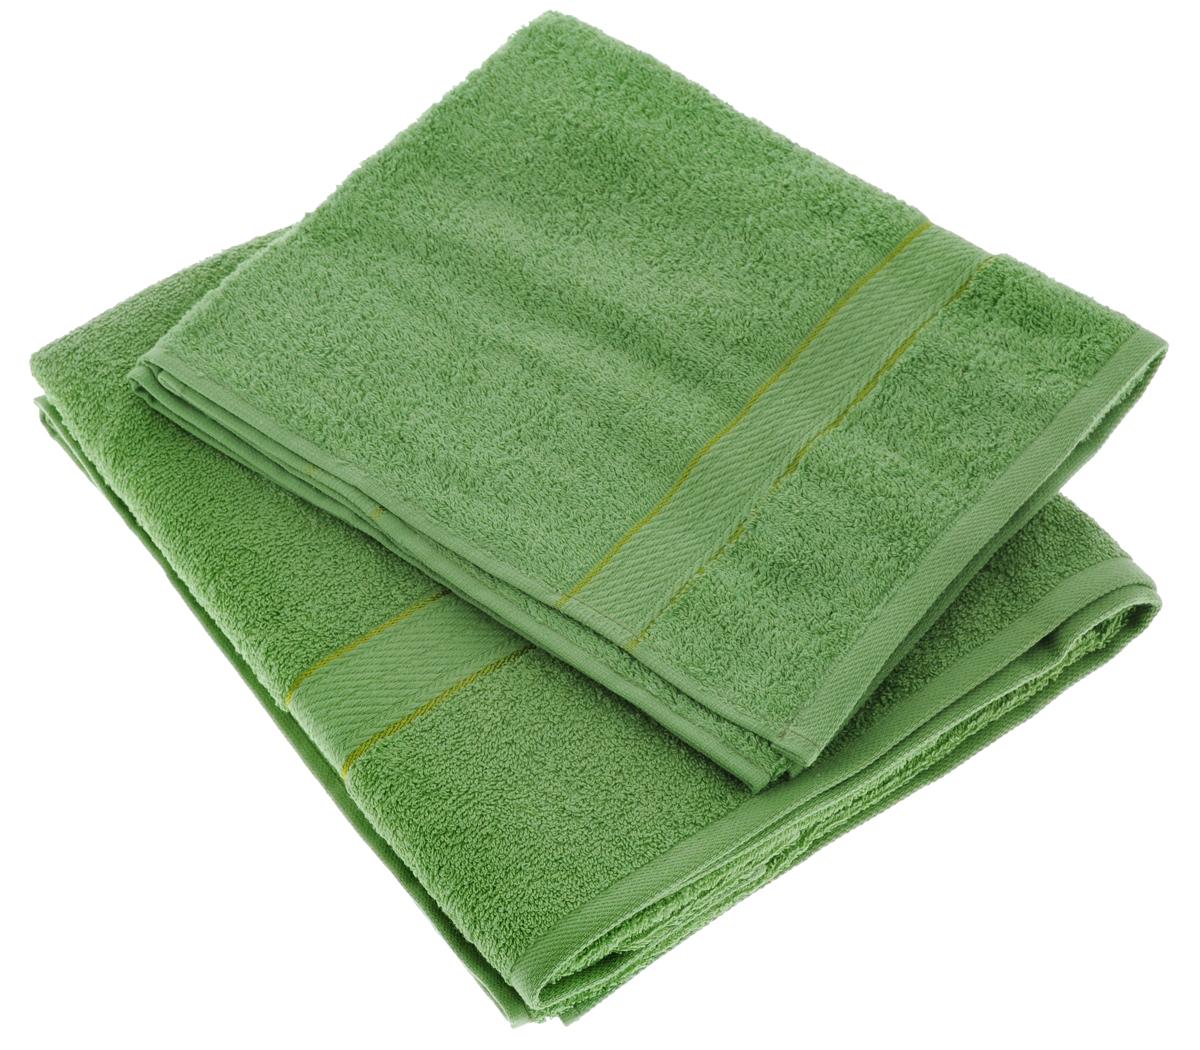 Набор махровых полотенец Aisha Home Textile, цвет: зеленый, 2 шт. УзТ-НПМ-102УзТ-НПМ-102-08Набор Aisha Home Textile состоит из двух махровых полотенец разного размера. В состав входит только натуральное волокно - 100% хлопок. Лаконичные бордюры подойдут для любого интерьера ванной комнаты. Полотенца прекрасно впитывают влагу и быстро сохнут. При соблюдении рекомендаций по уходу не линяют и не теряют форму даже после многократных стирок. Комплектация: 2 шт.